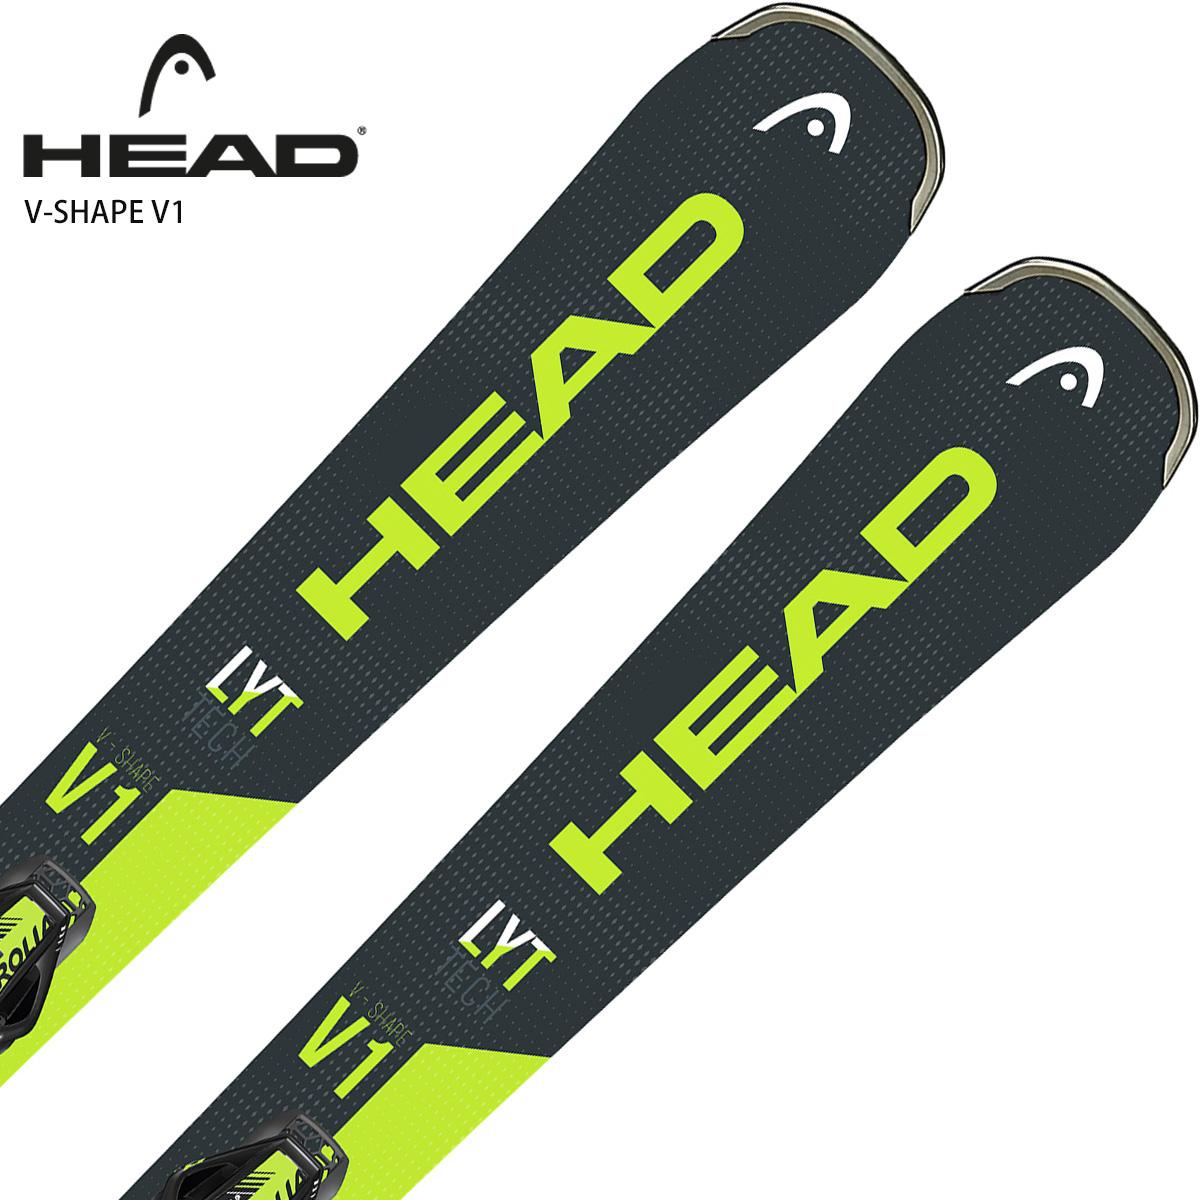 【エントリでP10&初売りセール!】HEAD〔ヘッド ショートスキー板〕<2020> V-SHAPE V1 + SLR Pro + SLR 9.0 GW【金具付き・取付送料無料】